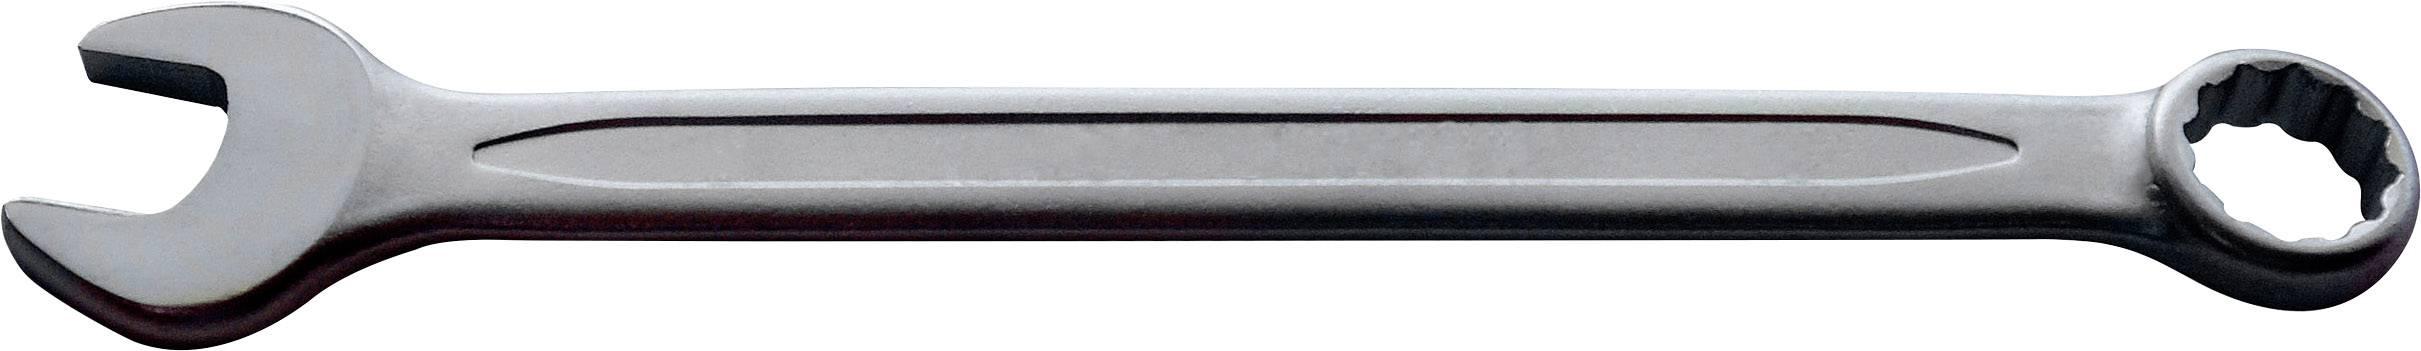 Očkoplochý kľúč TOOLCRAFT 820832, N/A, 8 mm